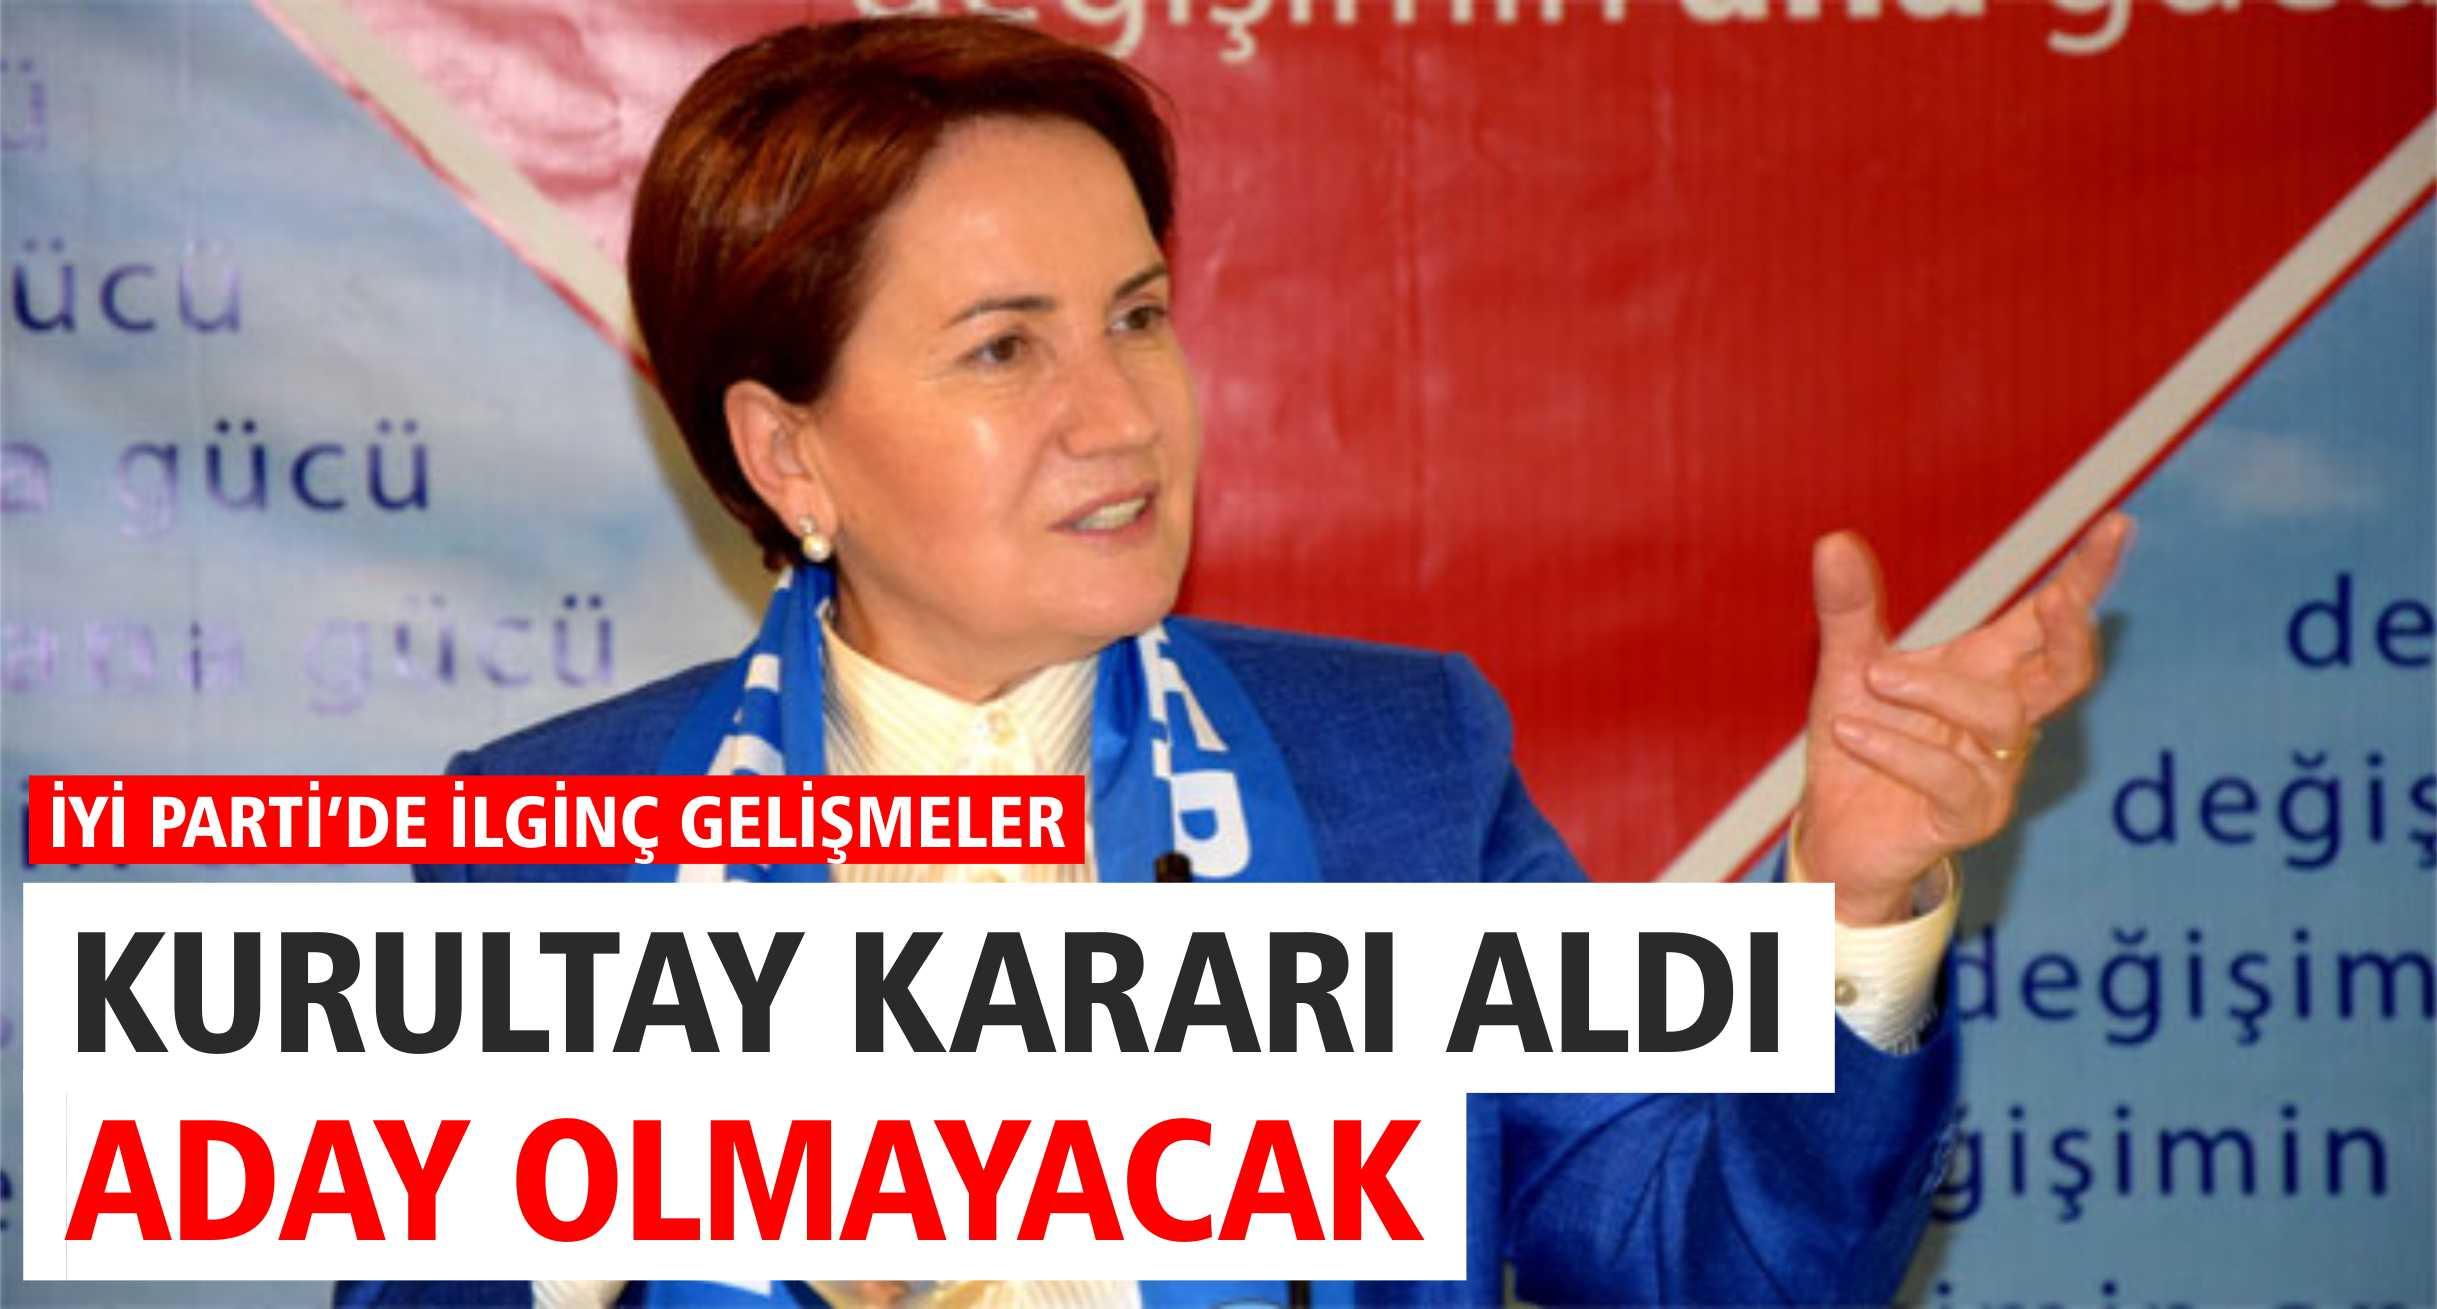 KURULTAY KARARI ALDI, ADAY OLMAYACAK